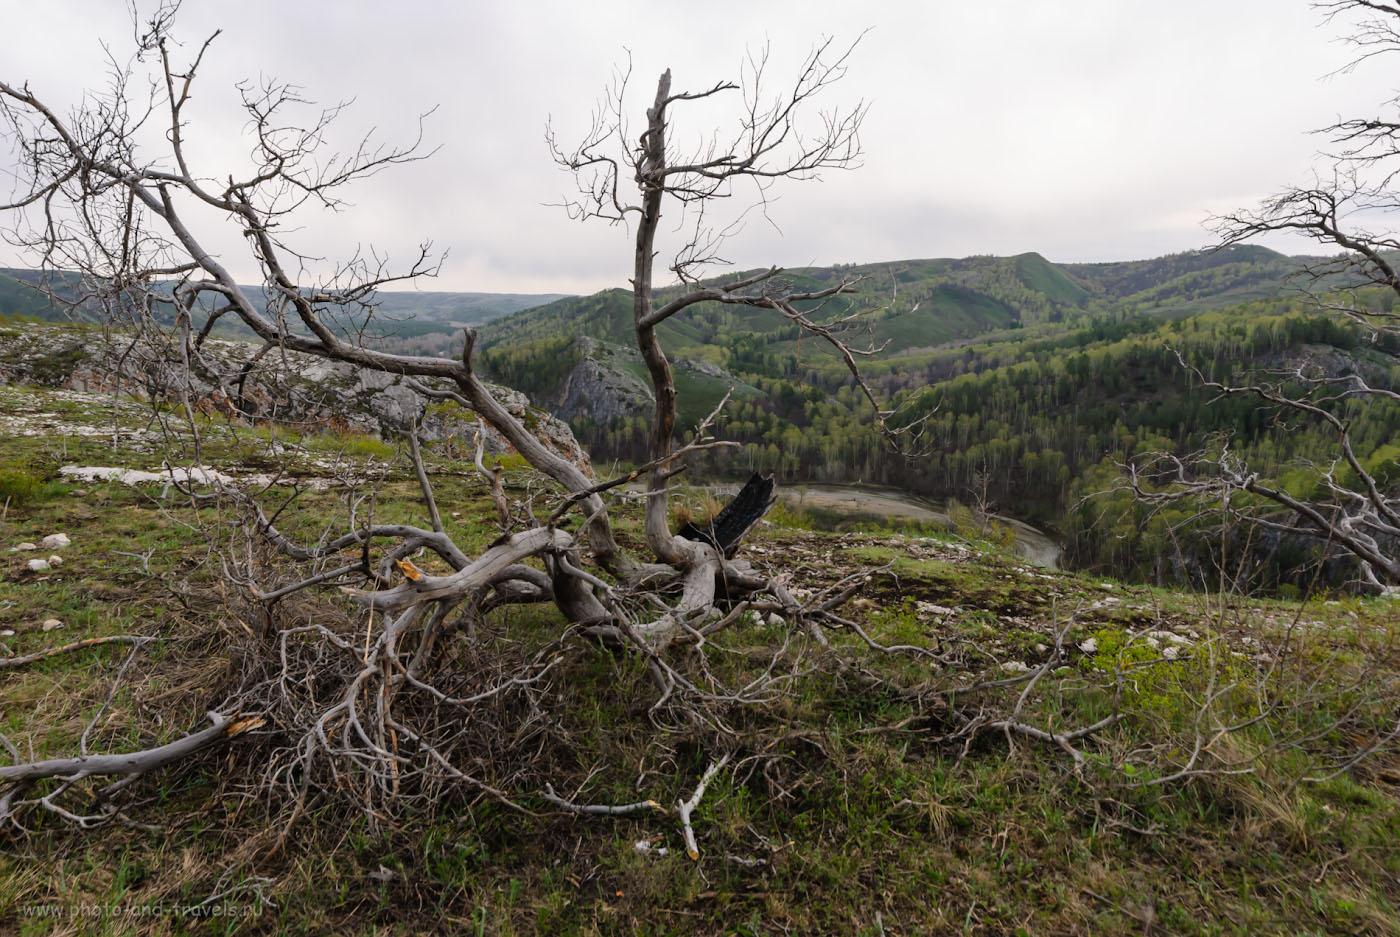 Снимок 24. На верхней балке Мурадымовского ущелья (точка «С» на карте маршрута). Отчеты об отдыхе в Башкирии. 1/30, -2.33, 8.0, 100, 14.